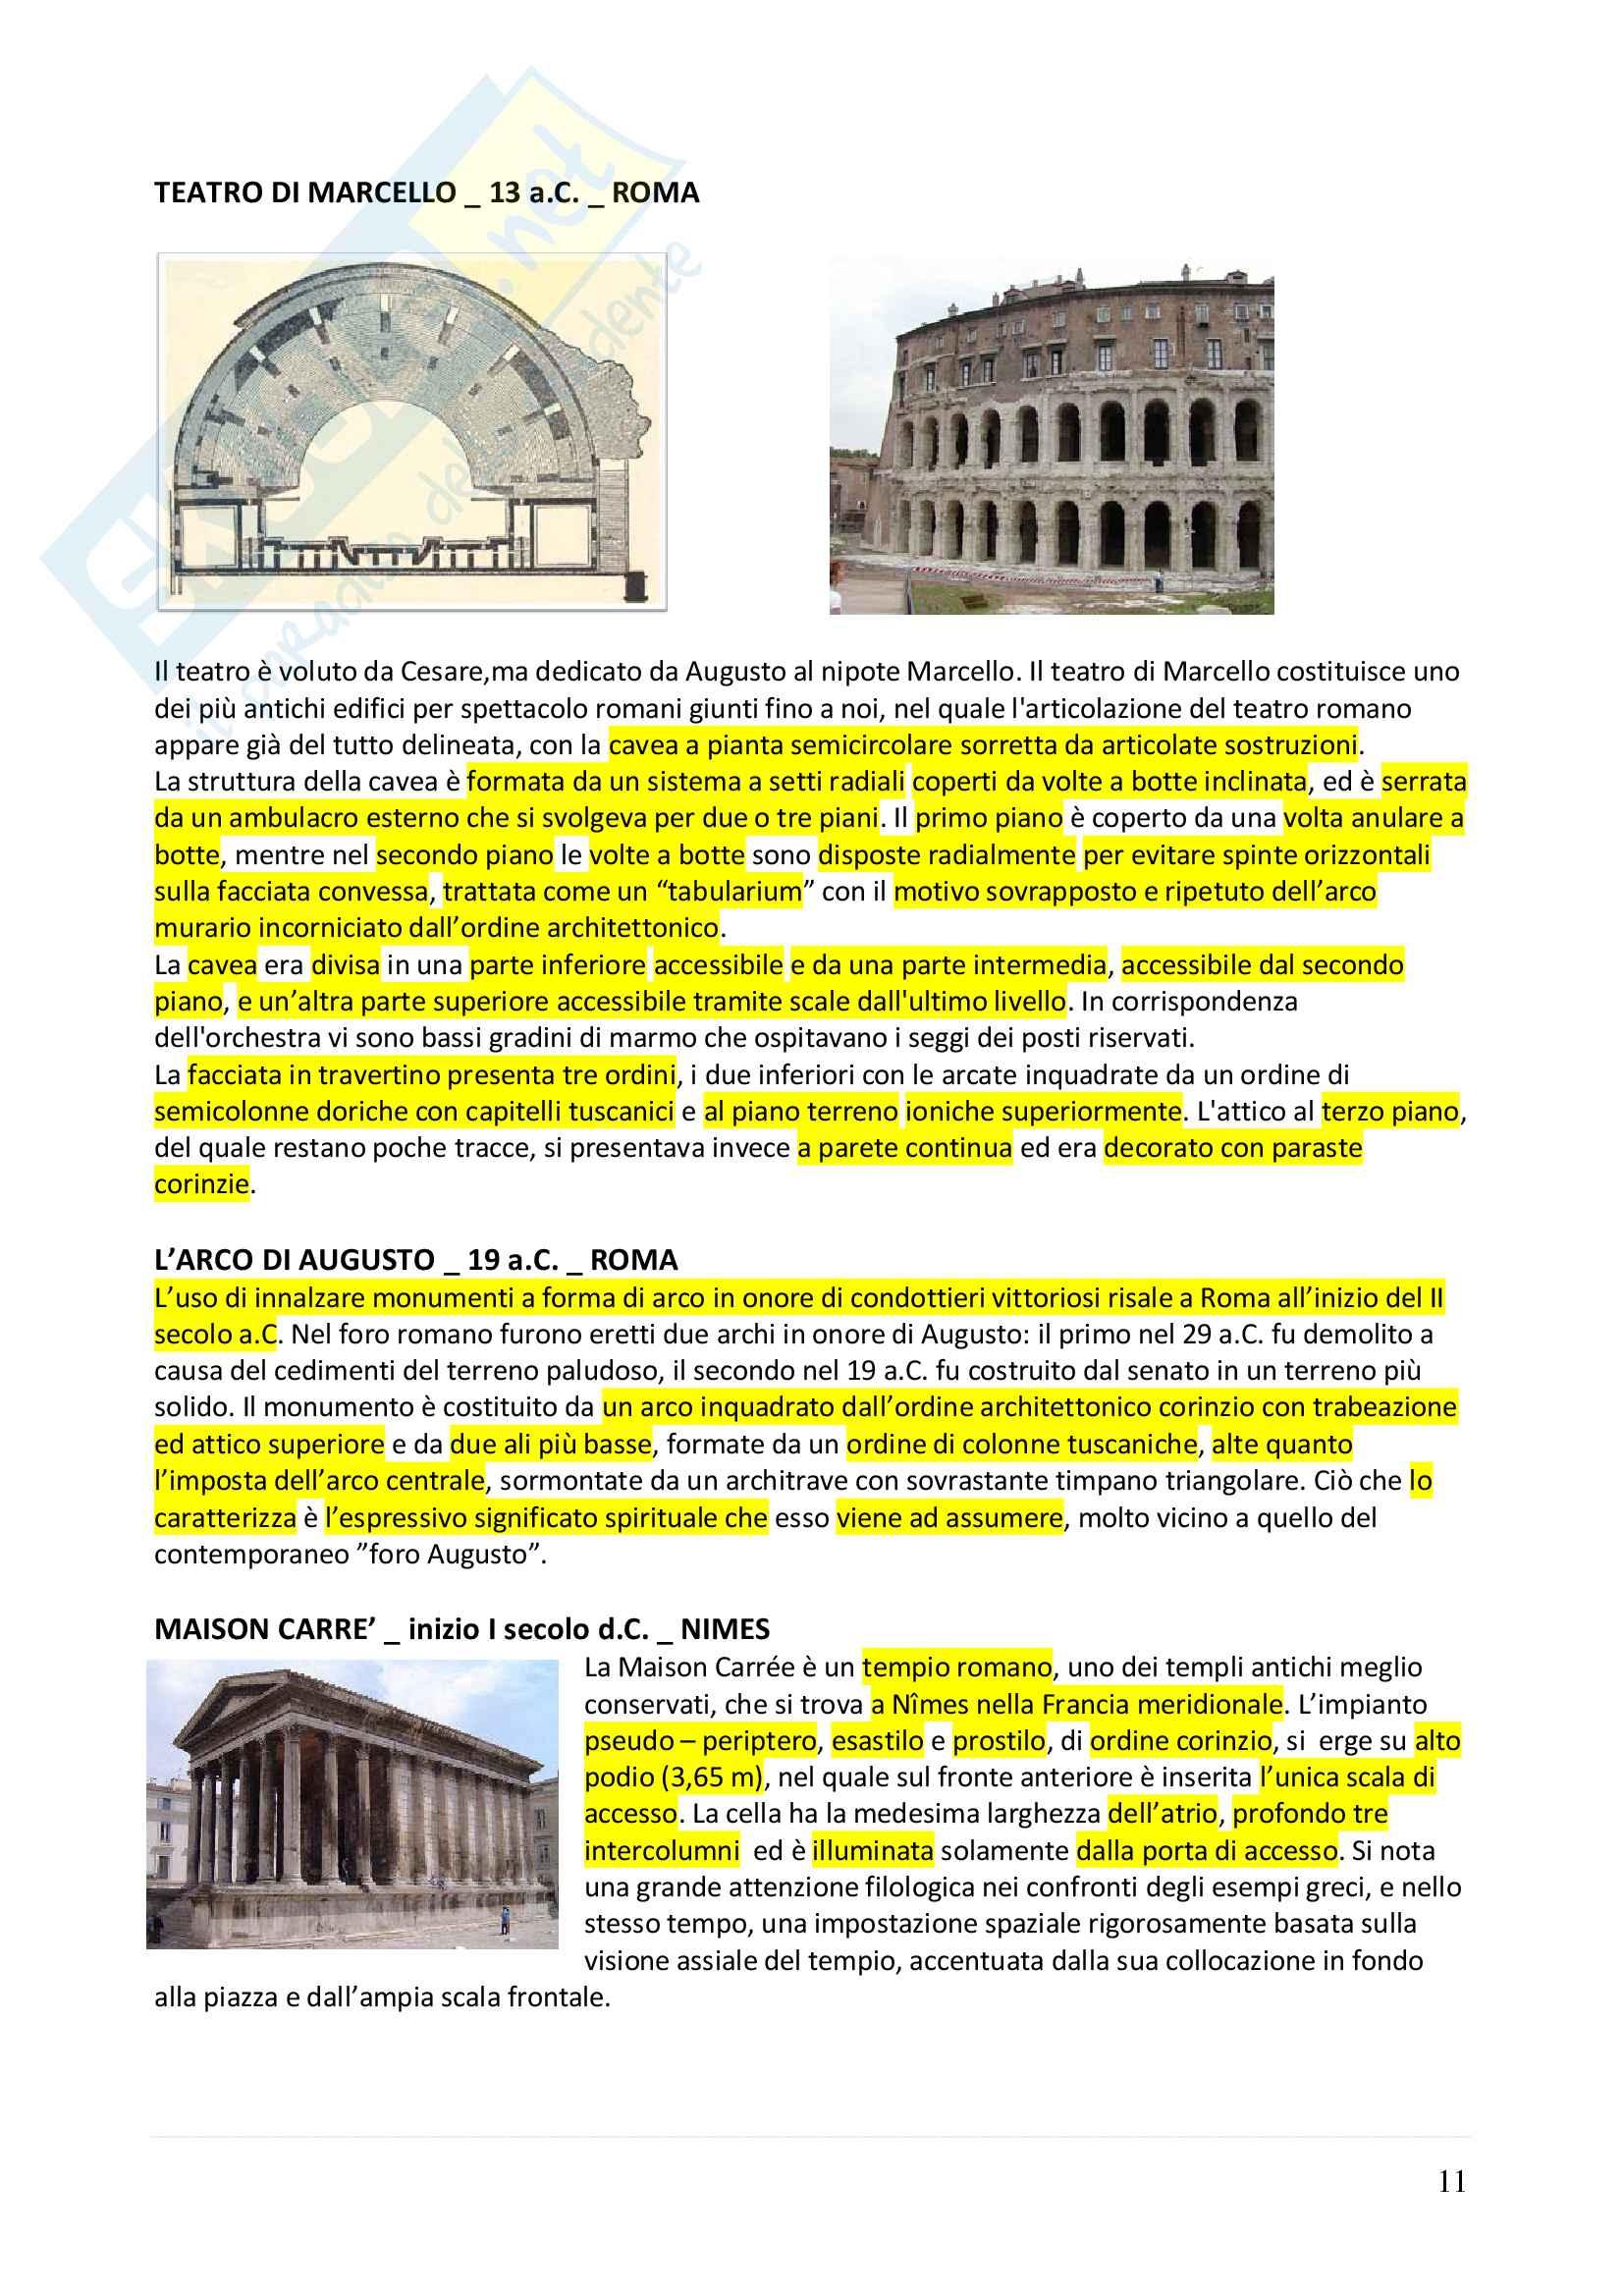 Appunti completi Storia dell'architettura 1+ Immagini Pag. 11